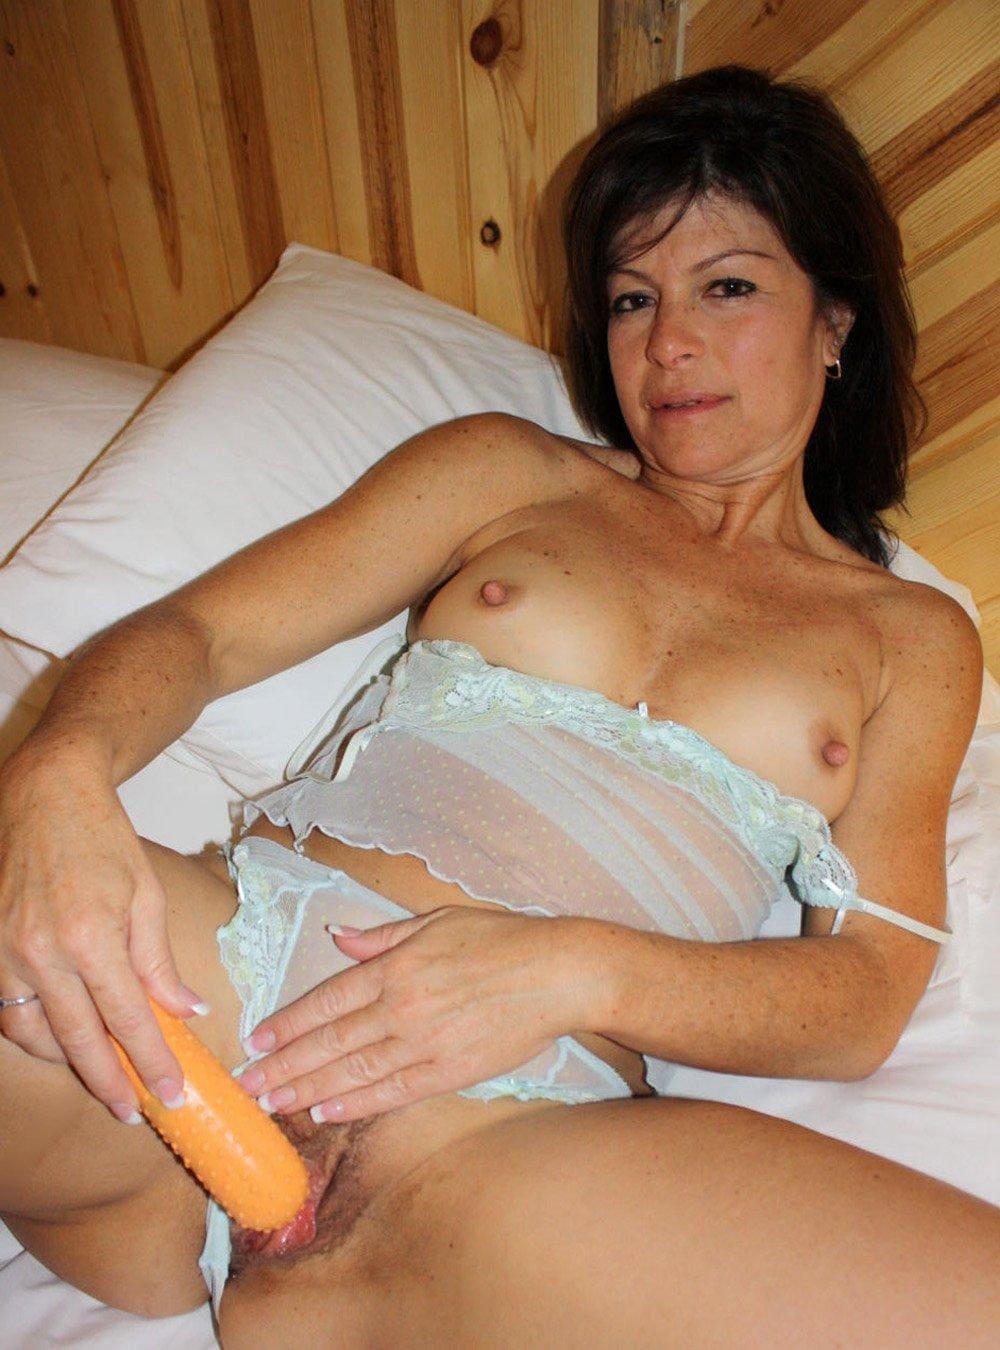 зрелые женщины мастурбируют красивая брюнетка лежит на спине на кровати в светлом прозрачном нижнем белье отодвинула немного в сторону трусики и фаллоимитатором мастурбирует свою киску